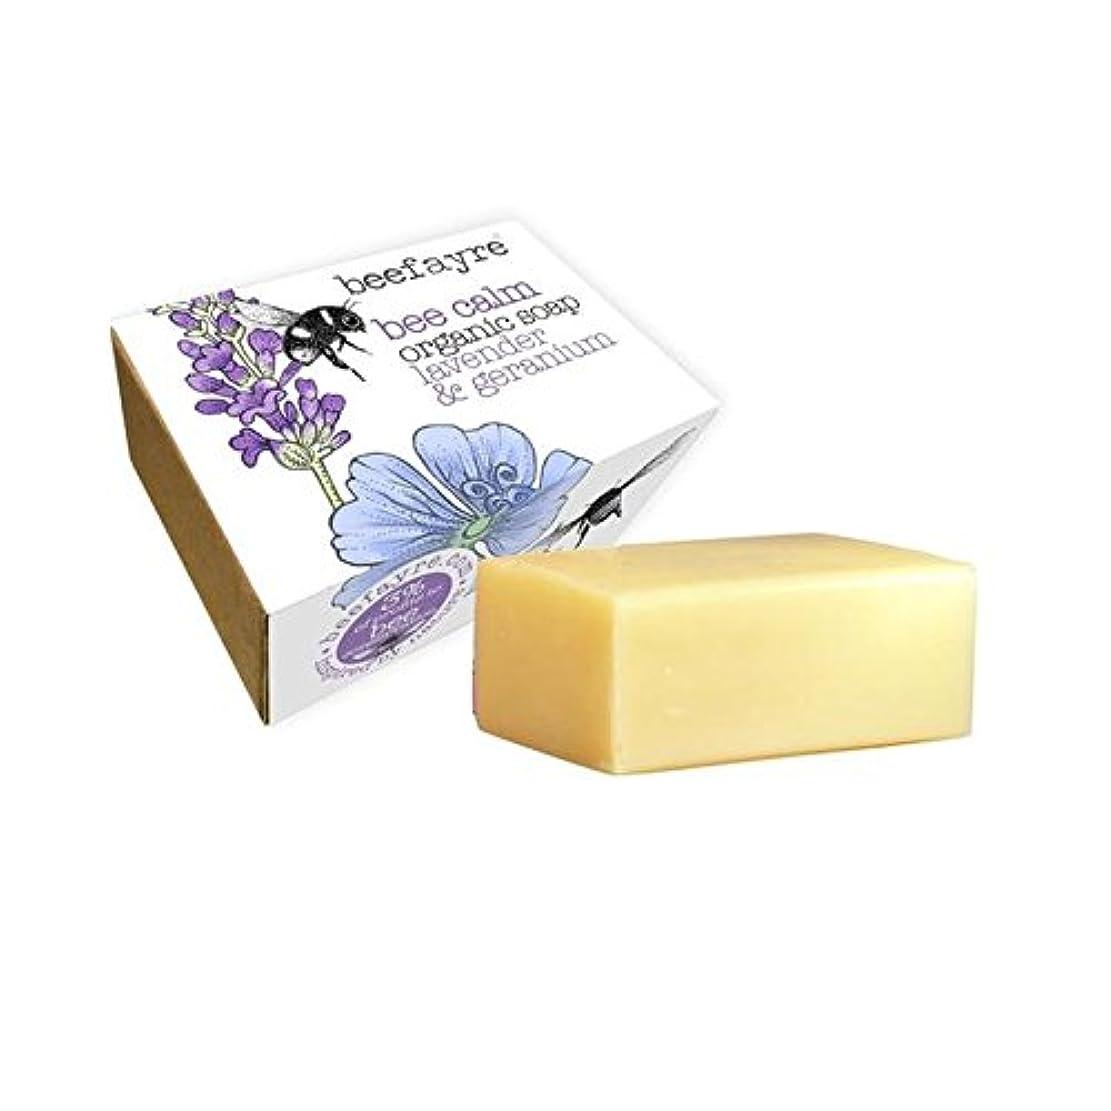 良心的避けられない二次有機ゼラニウム&ラベンダー石鹸 x4 - Beefayre Organic Geranium & Lavender Soap (Pack of 4) [並行輸入品]